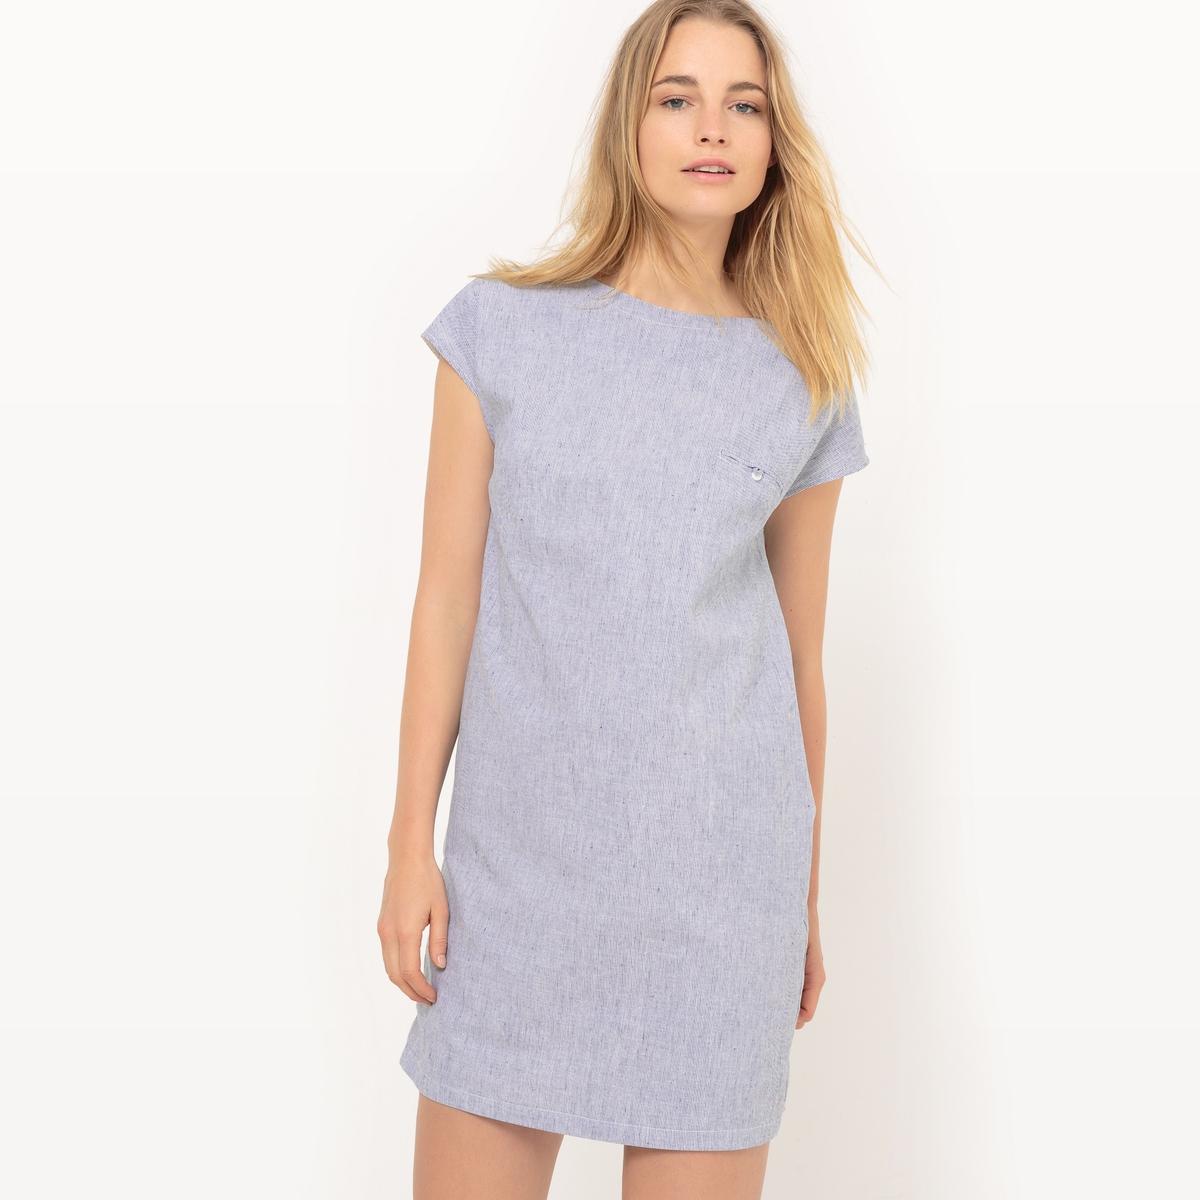 Платье прямого покроя с застежкой на пуговицы сзади из хлопка и льна приталенное платье с застежкой на пуговицы gf ferre платья и сарафаны мини короткие